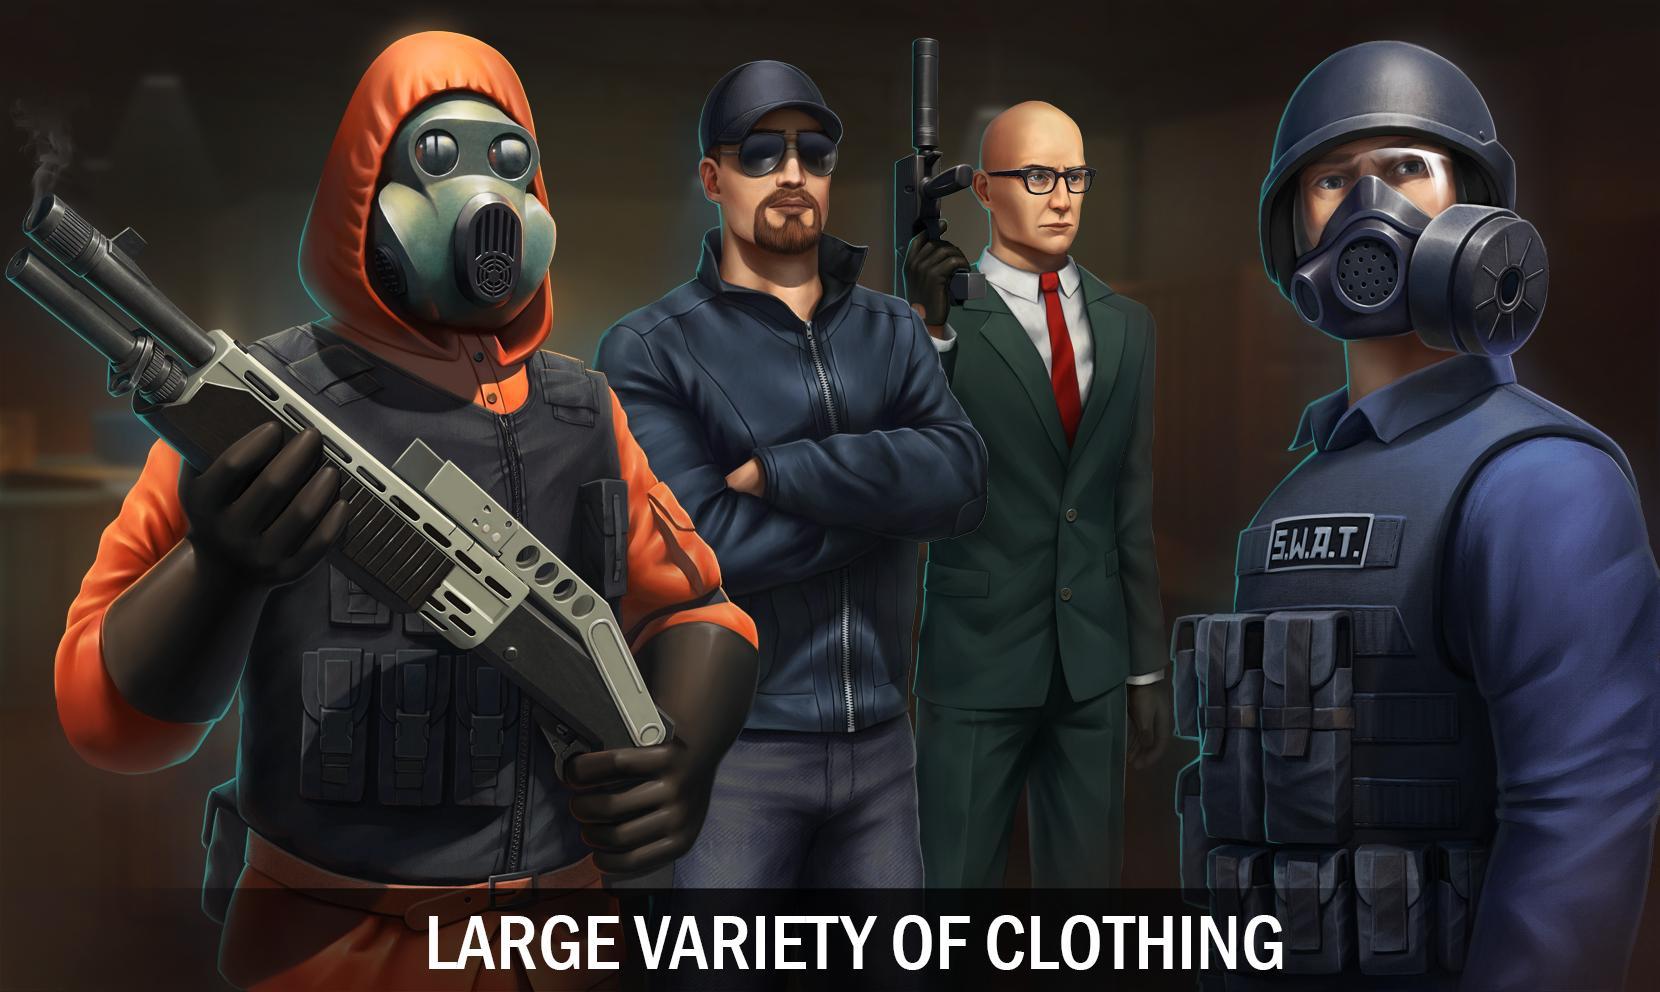 Crime Revolt - Online FPS (PvP Shooter) 2.18 Screenshot 4